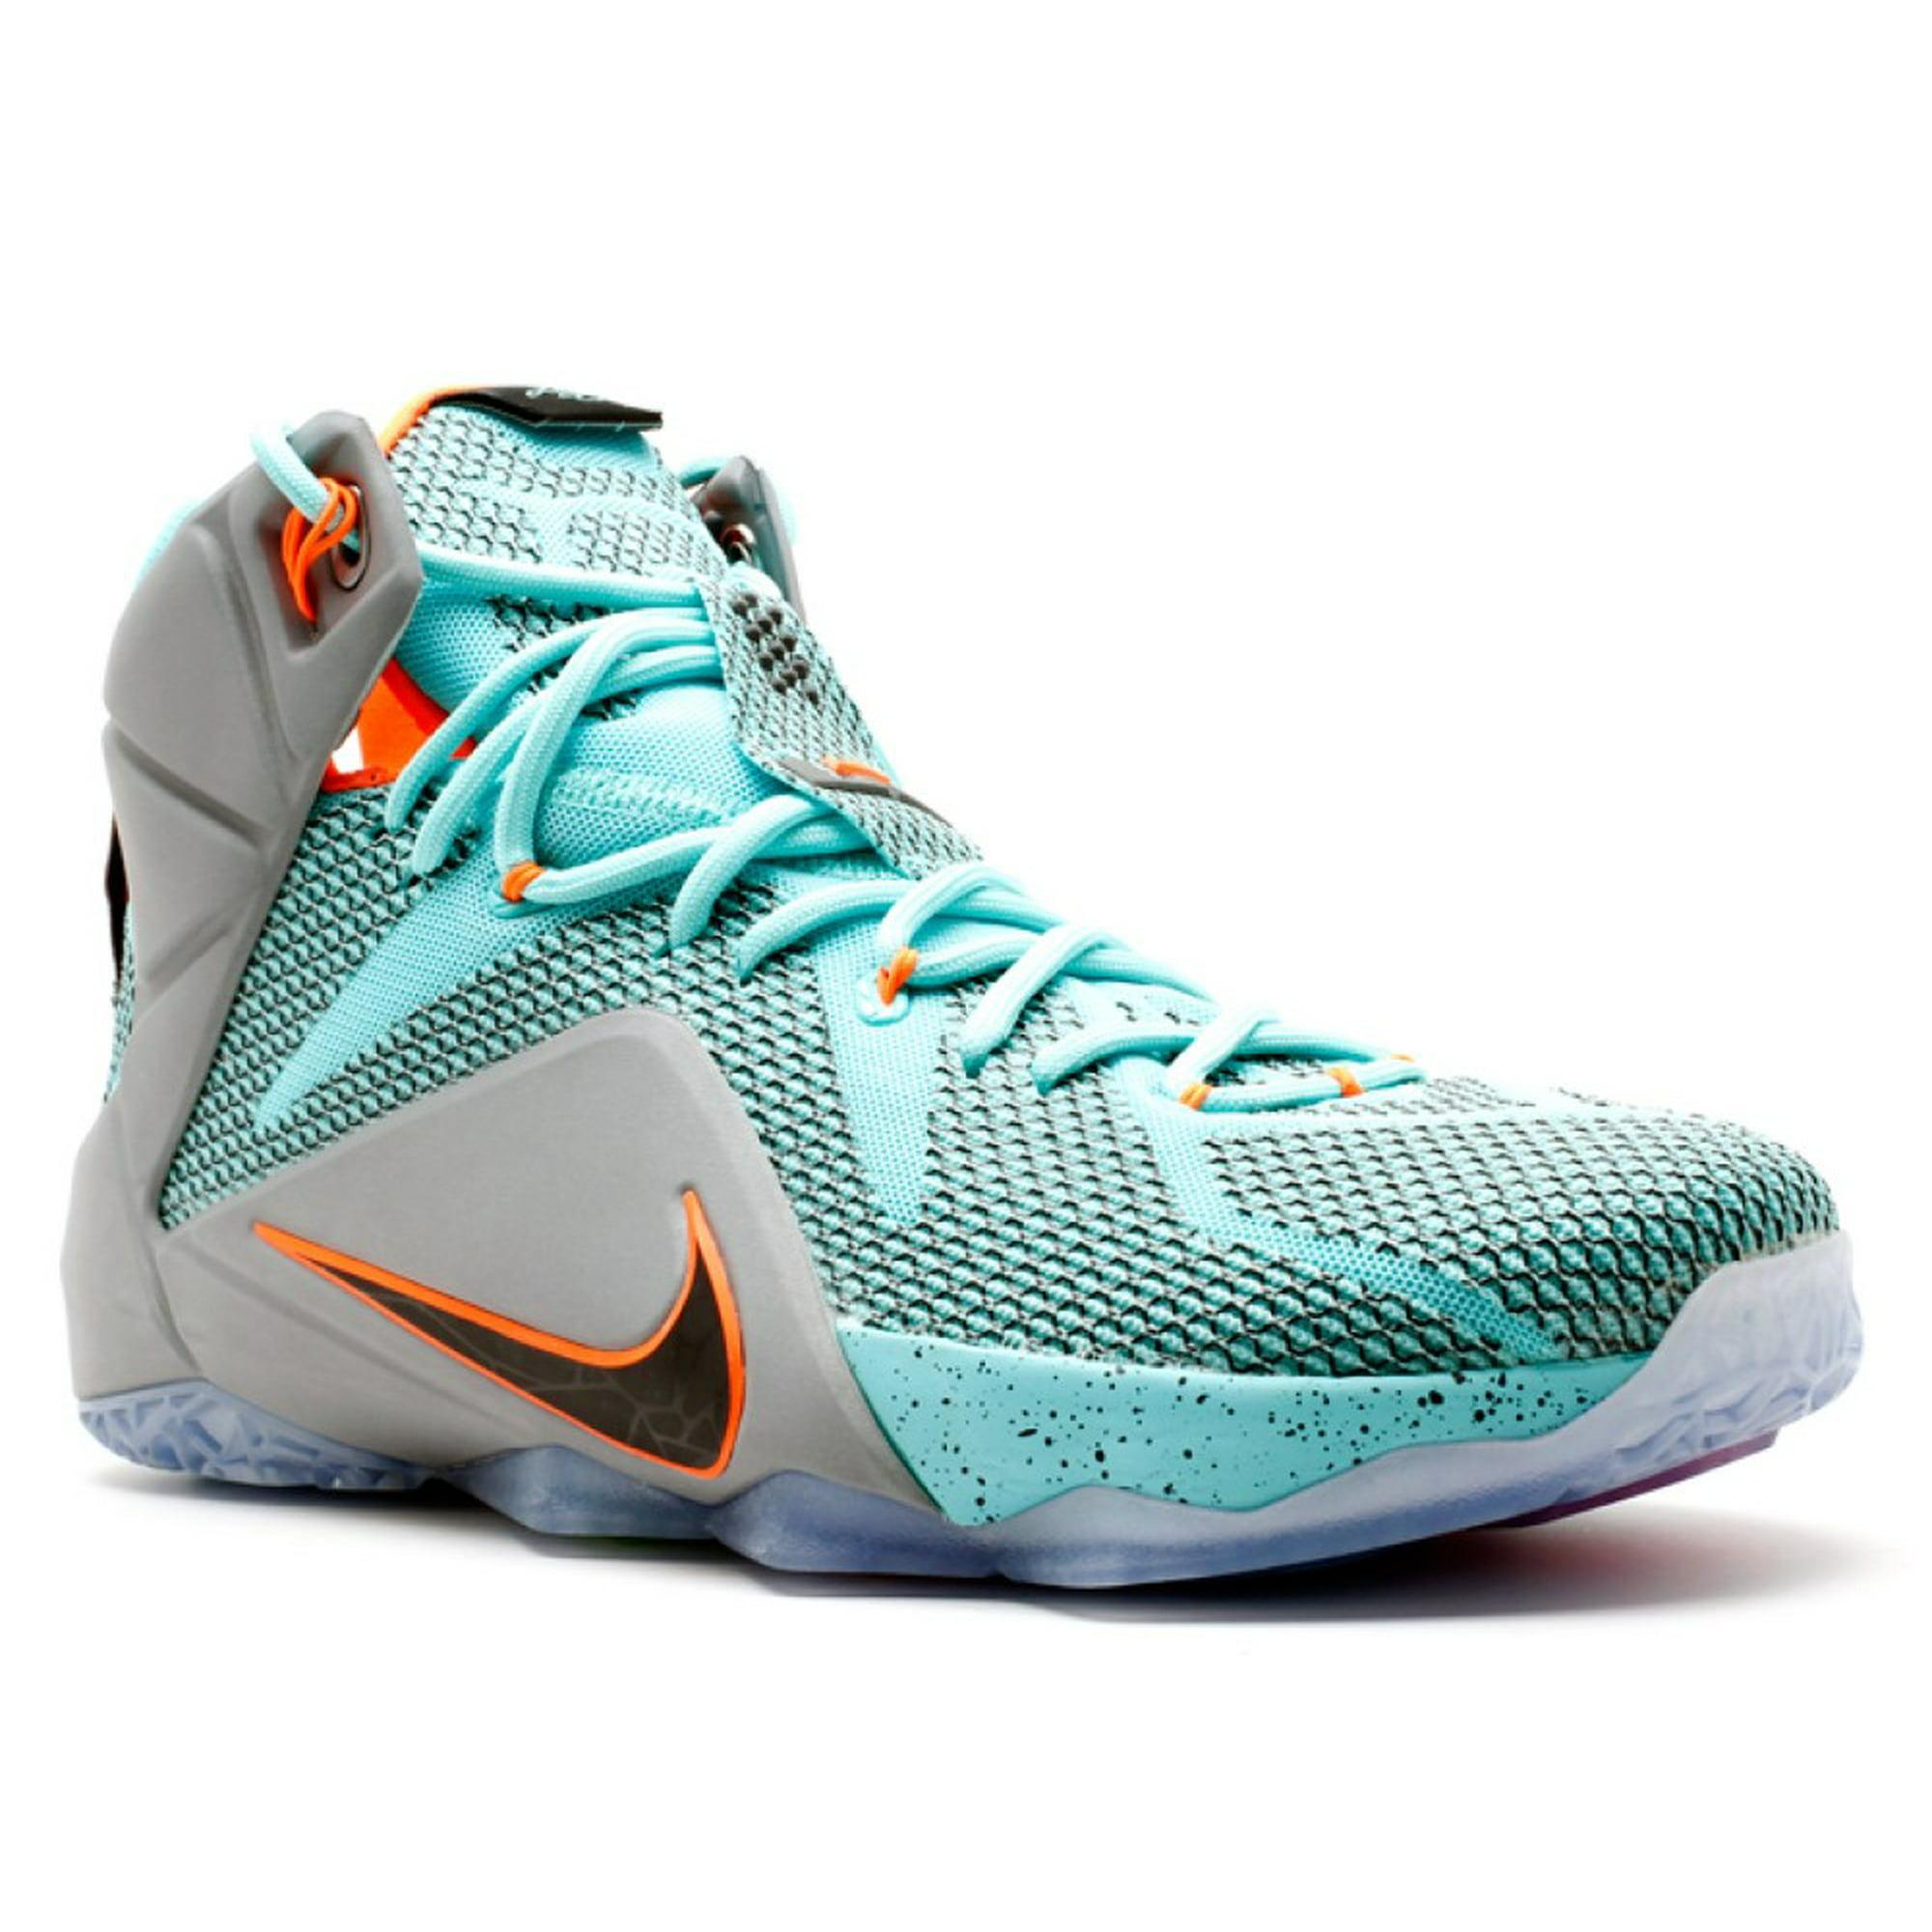 1d7396bba0ae2 Nike - Men - Lebron 12 'Nsrl' - 684593-301 - Size 10.5